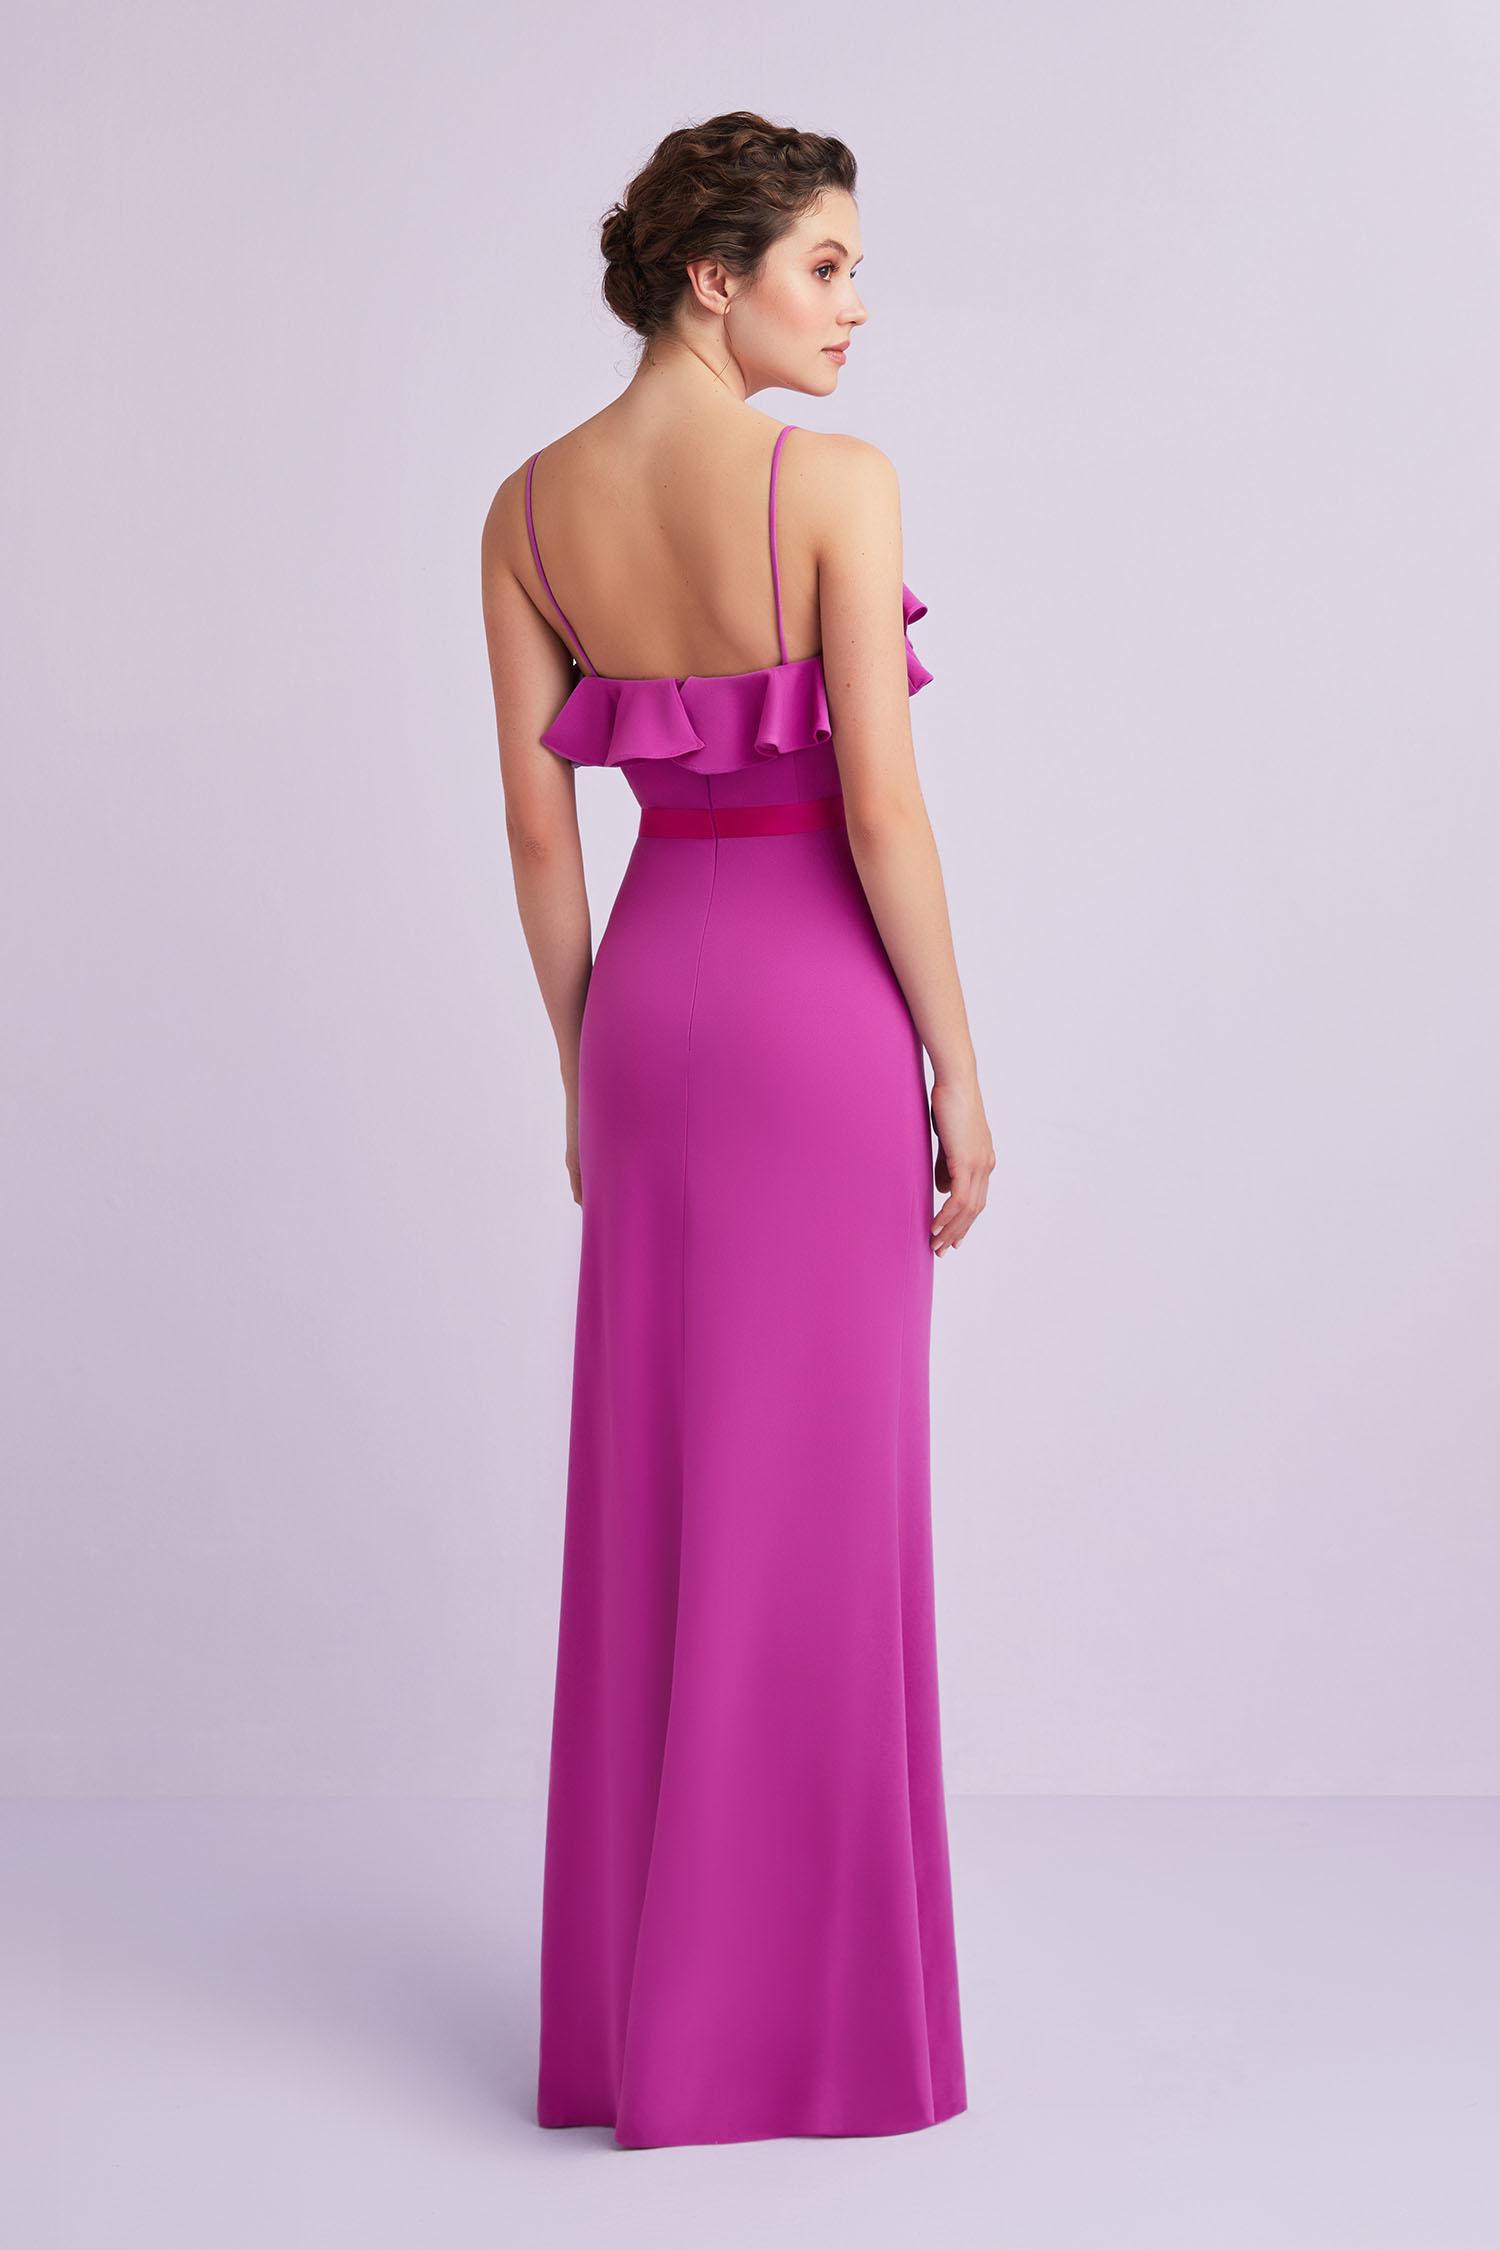 Erguvan Rengi Askılı Fırfırlı Krep Uzun Elbise - Thumbnail